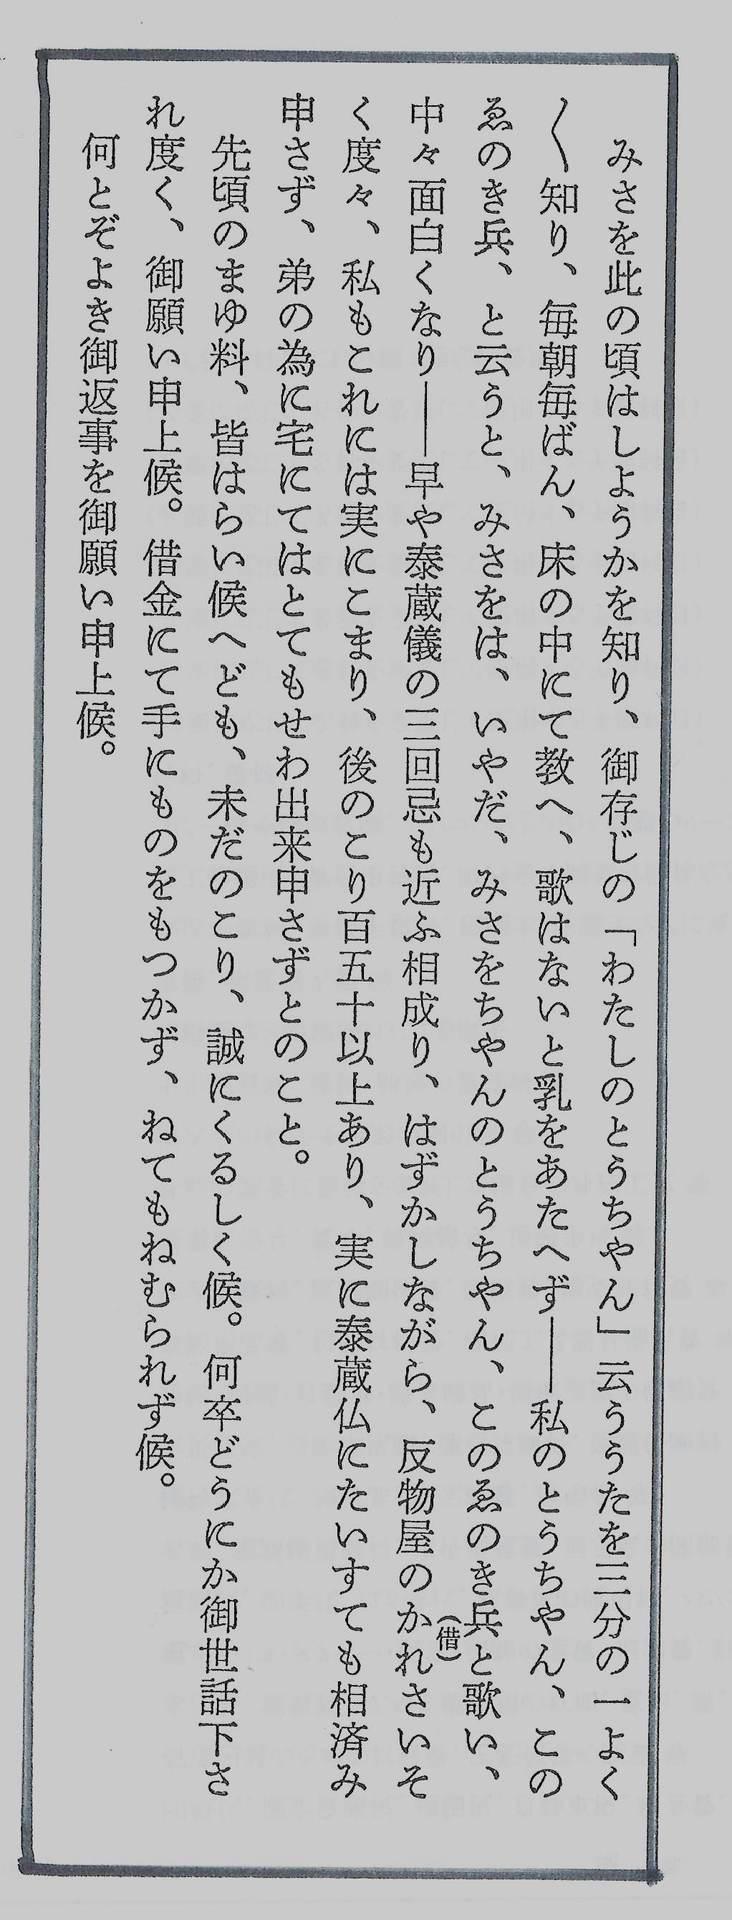 福島泰蔵大尉の残された母子 - ...